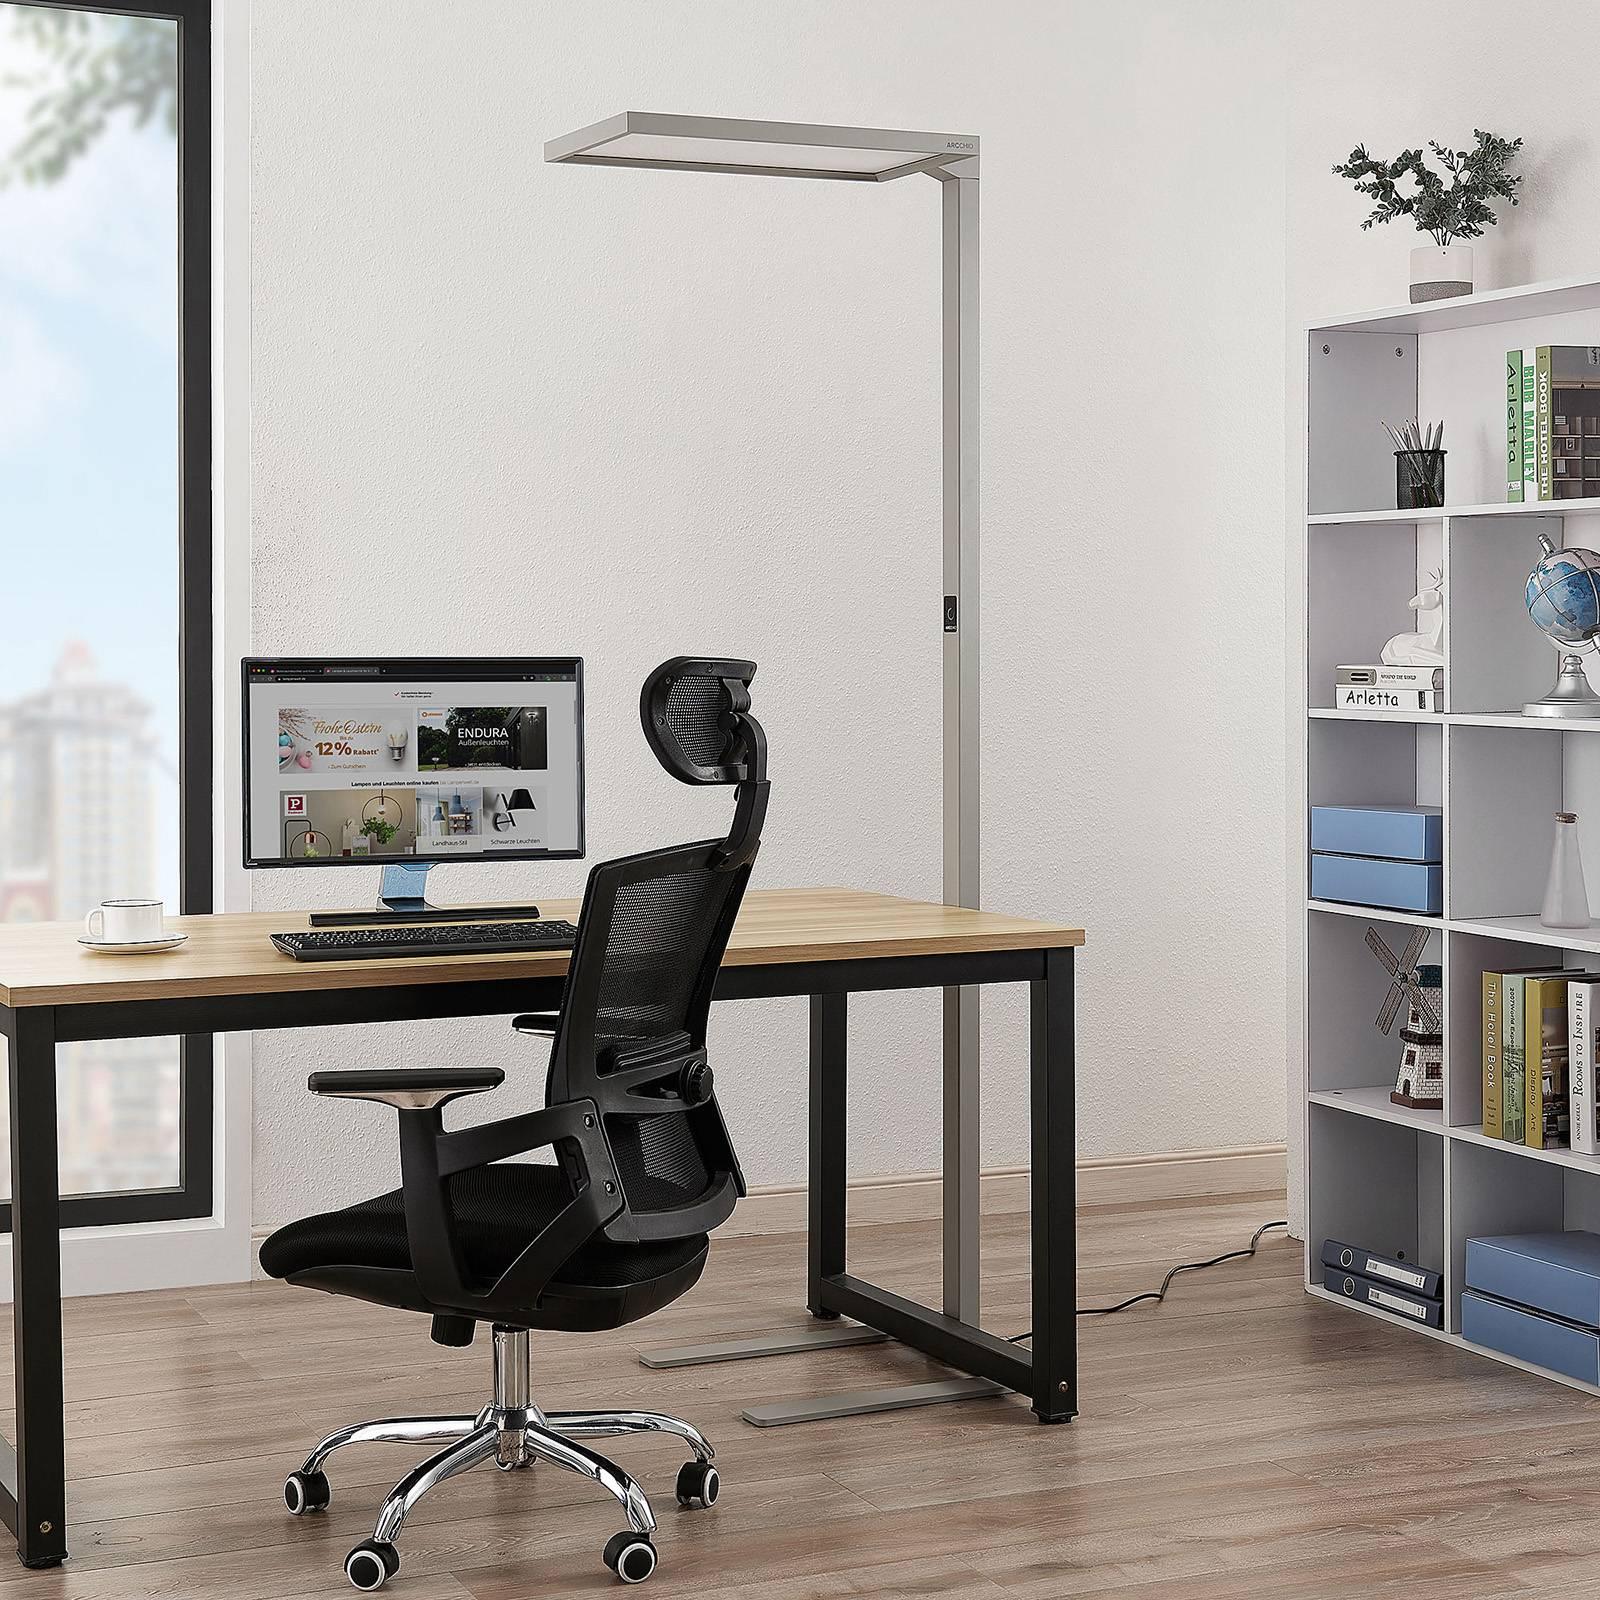 Arcchio Nelus toimiston LED-lattiavalo, himmennys